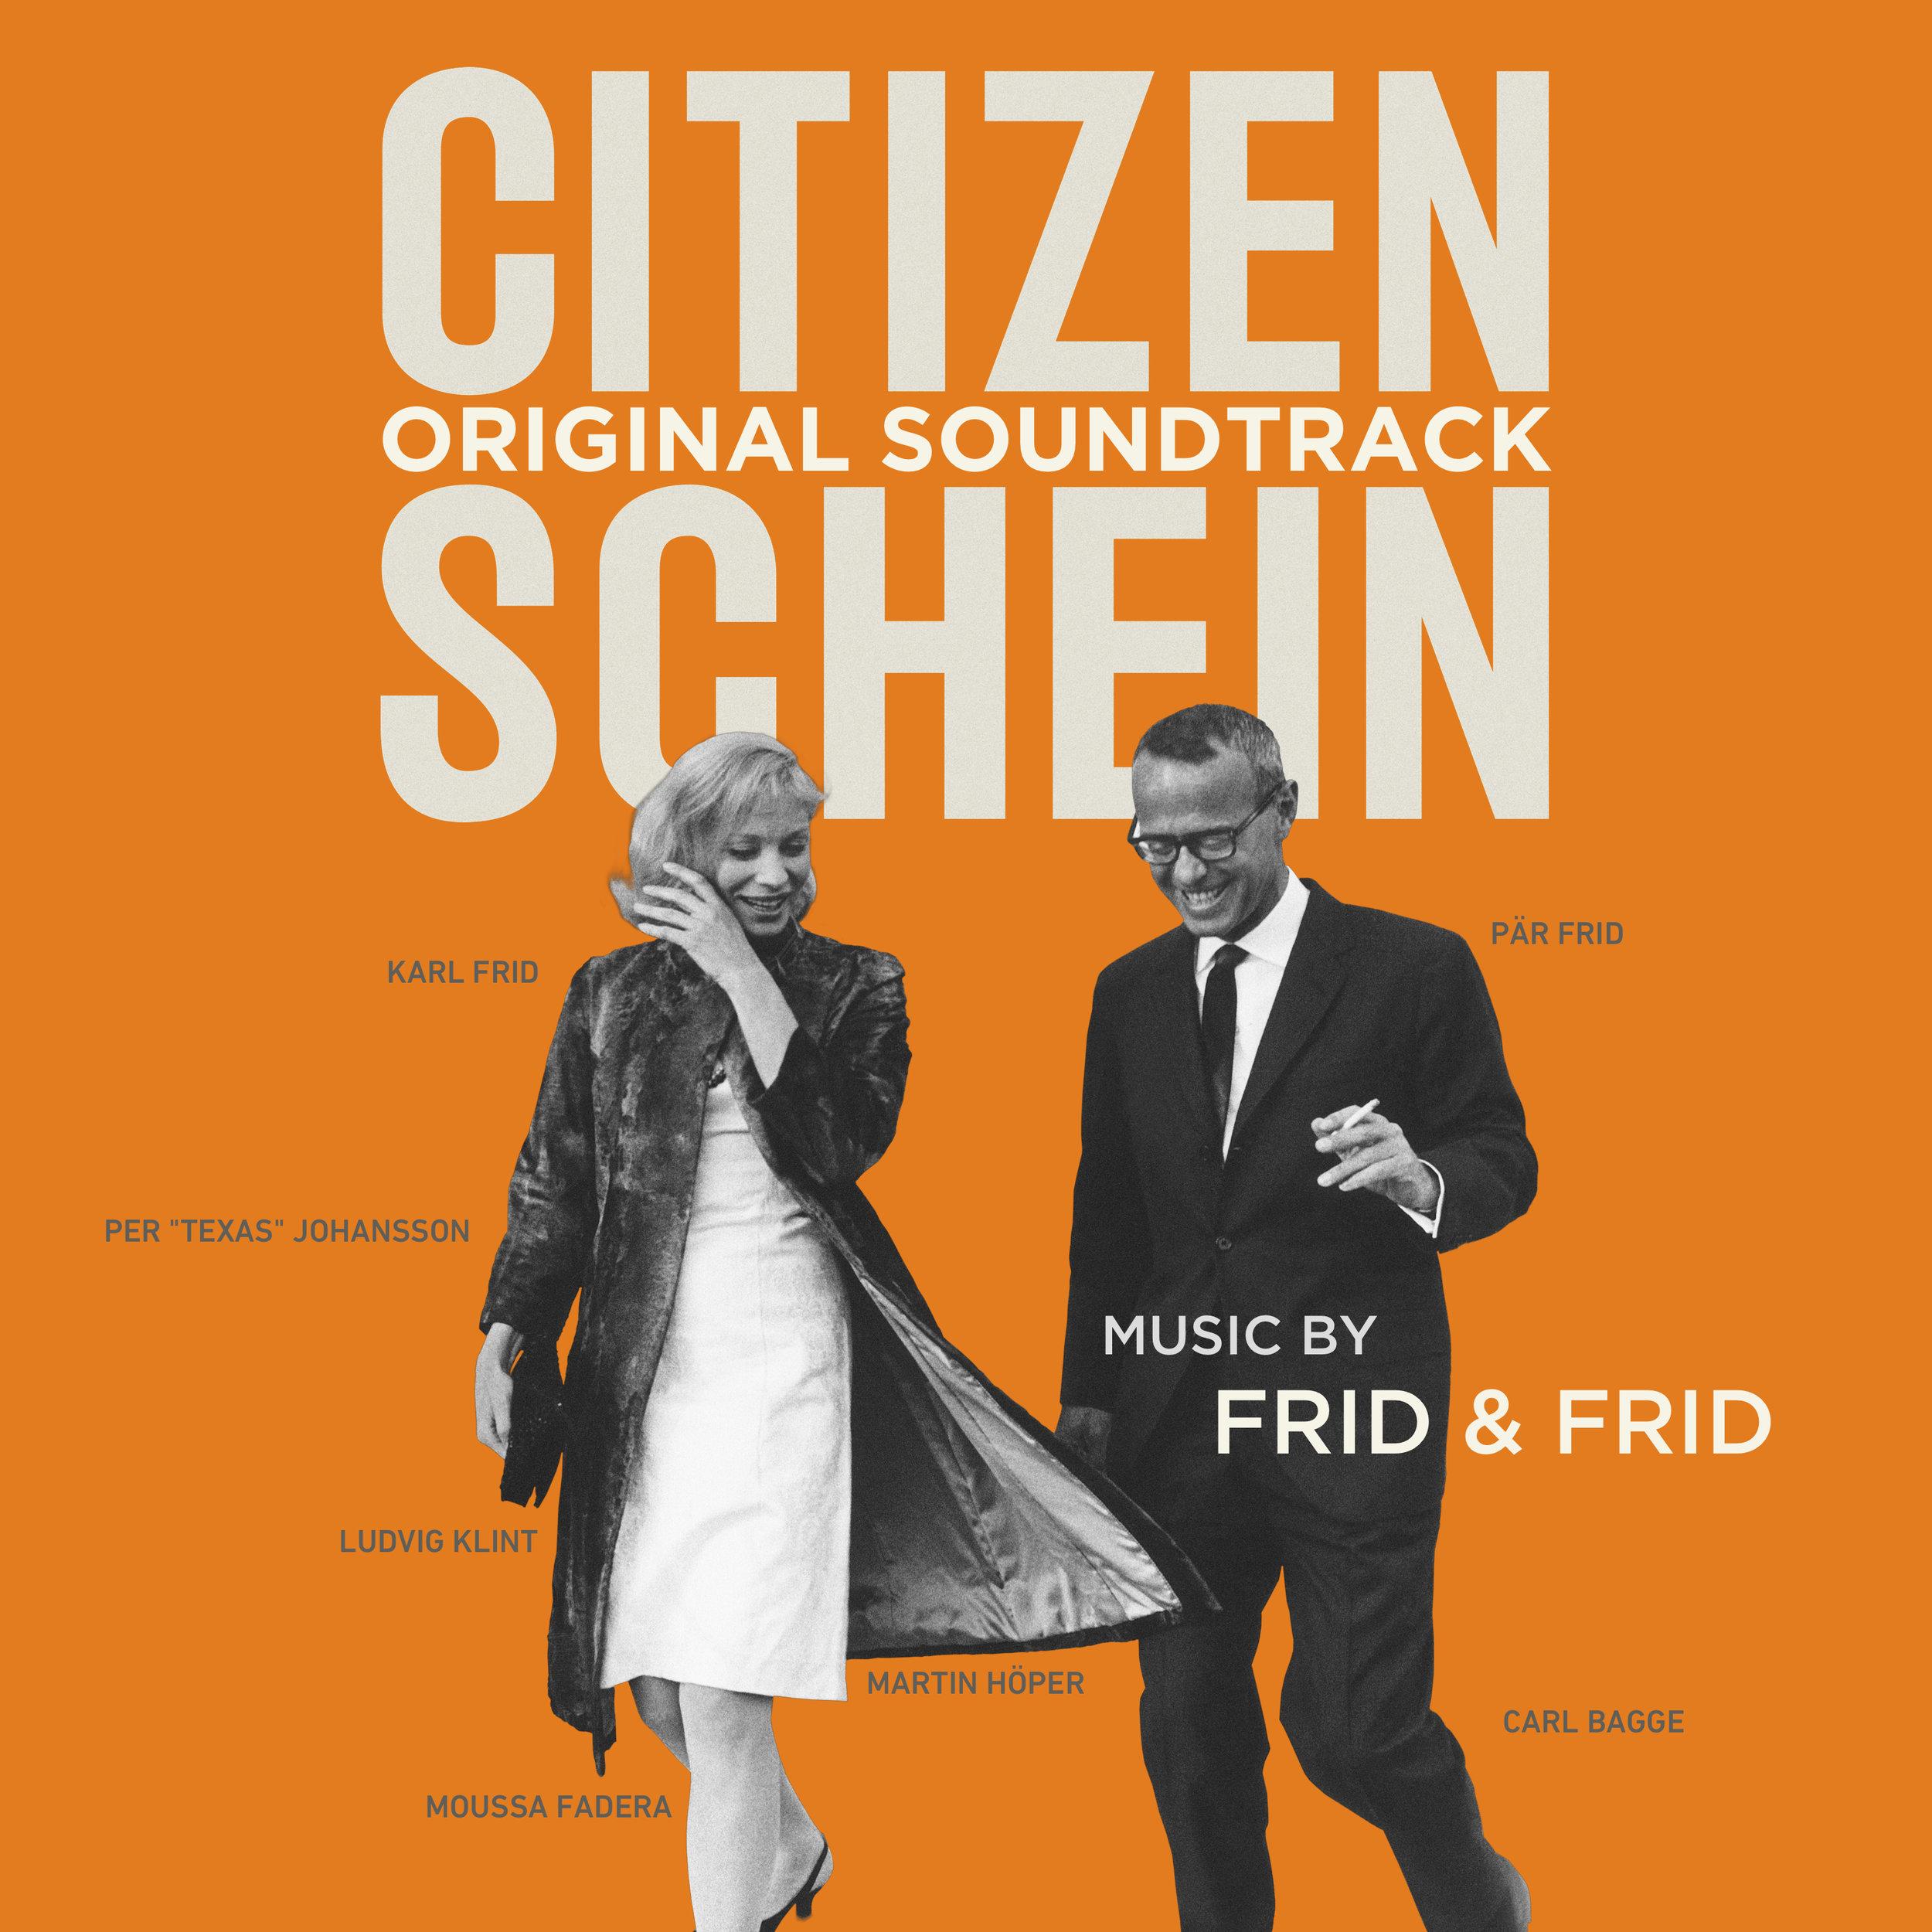 Citizen Schein skivomslag 3000x3000.jpg